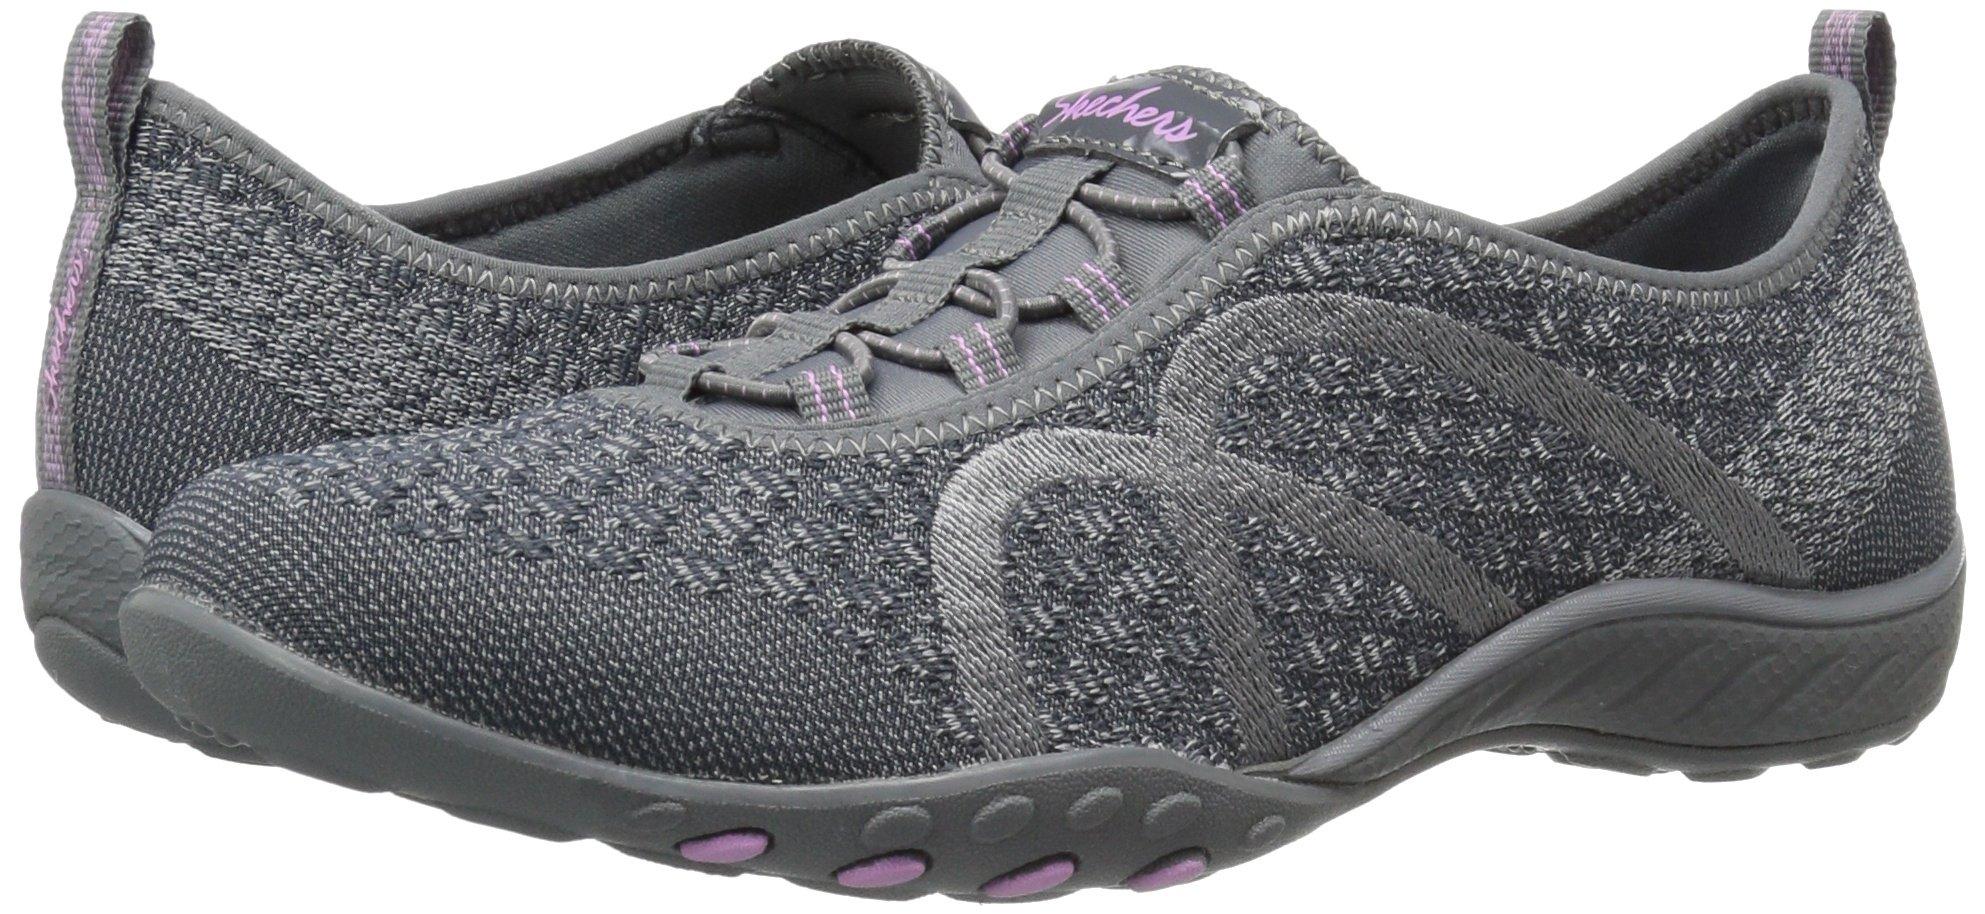 Skechers Sport Women's Breathe Easy Fortune Fashion Sneaker,Charcoal Knit,5 M US by Skechers (Image #6)